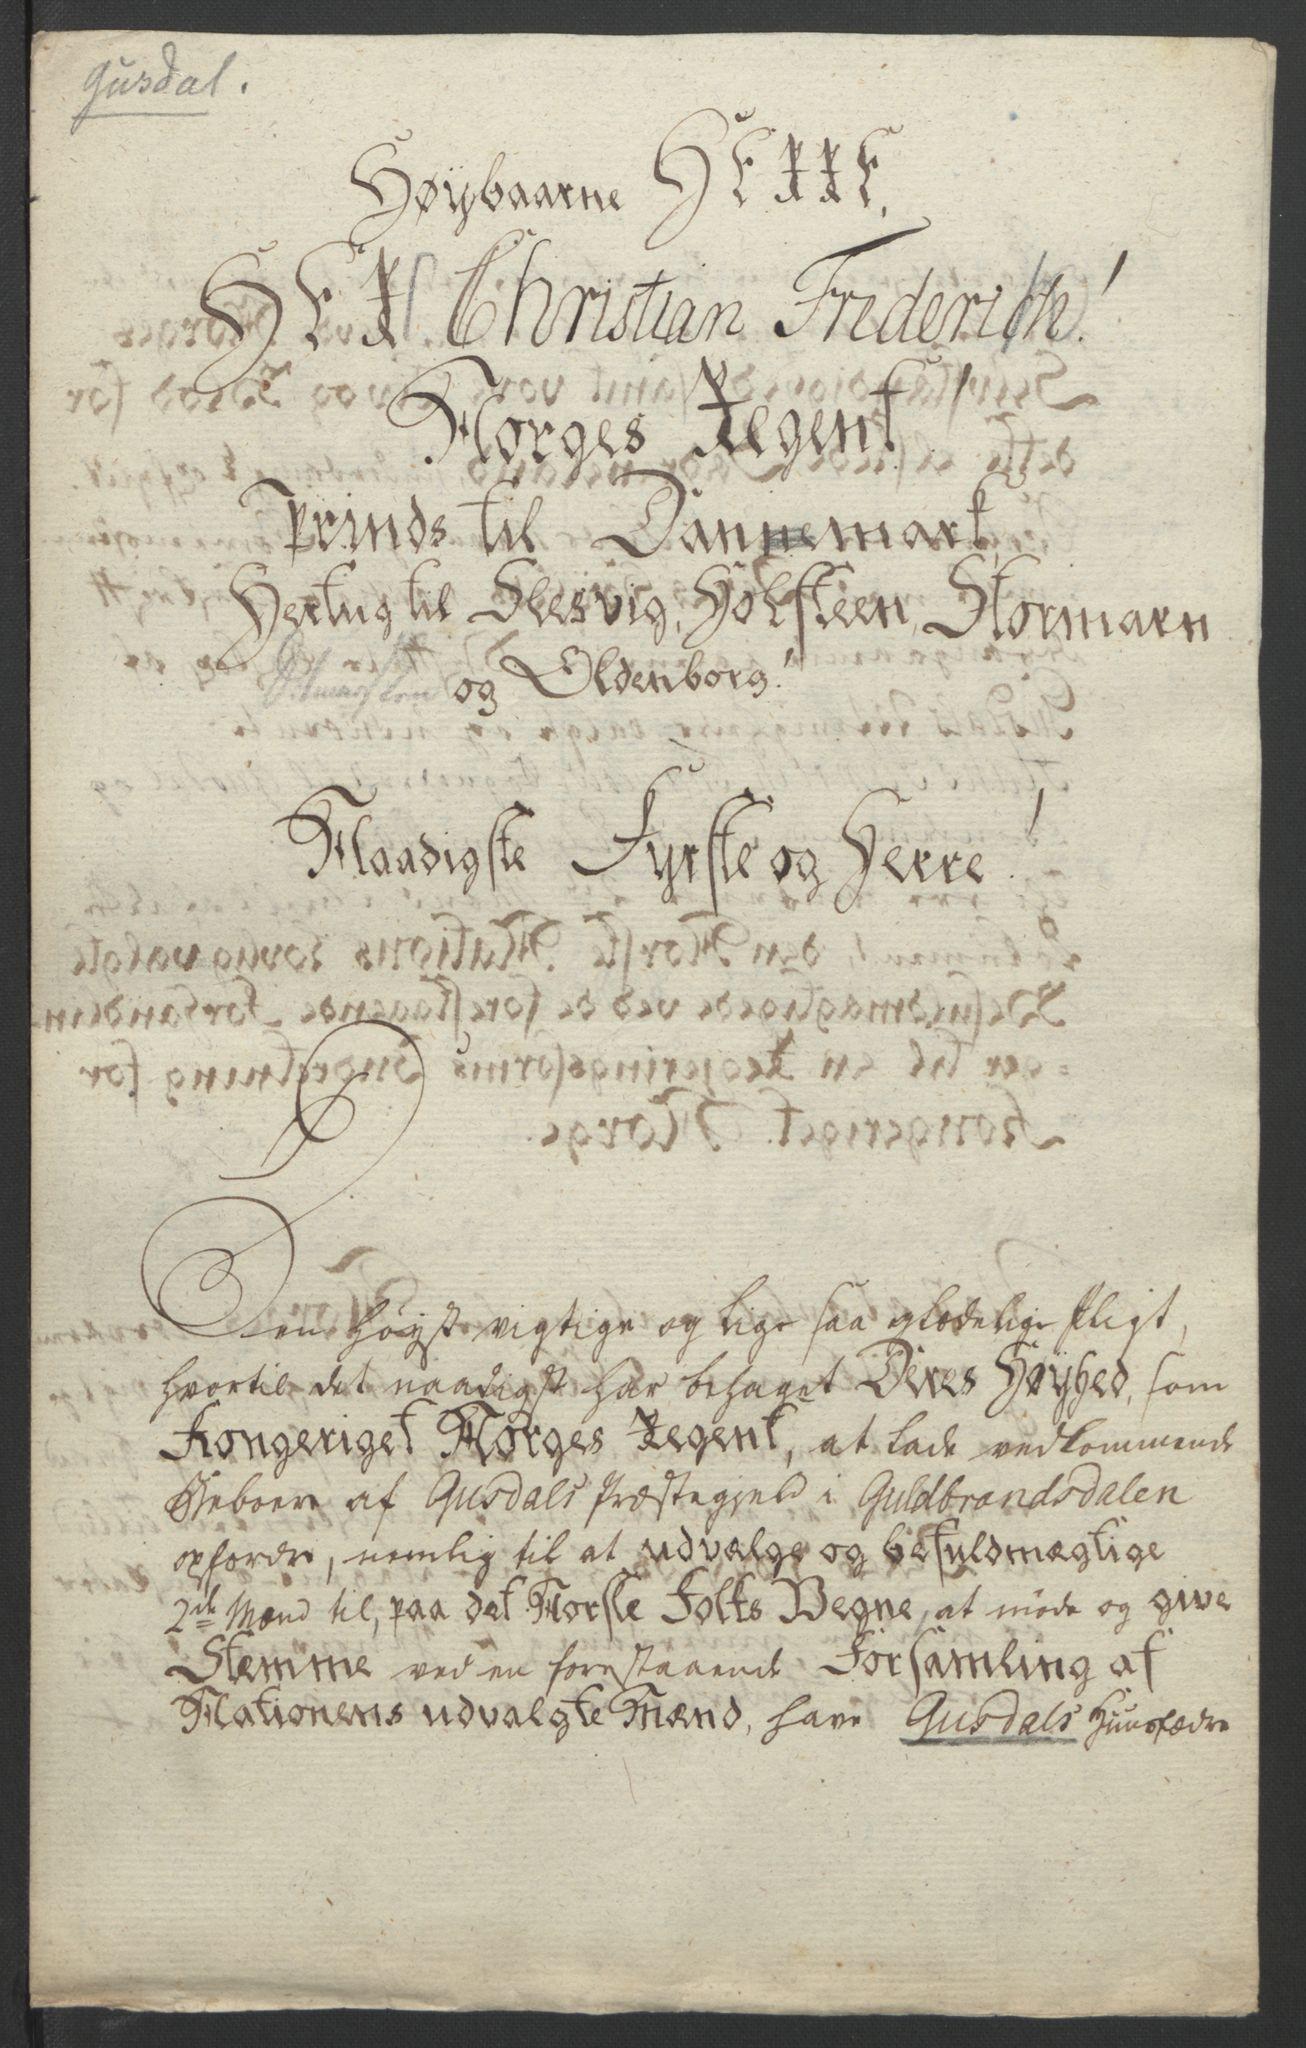 RA, Statsrådssekretariatet, D/Db/L0007: Fullmakter for Eidsvollsrepresentantene i 1814. , 1814, s. 259